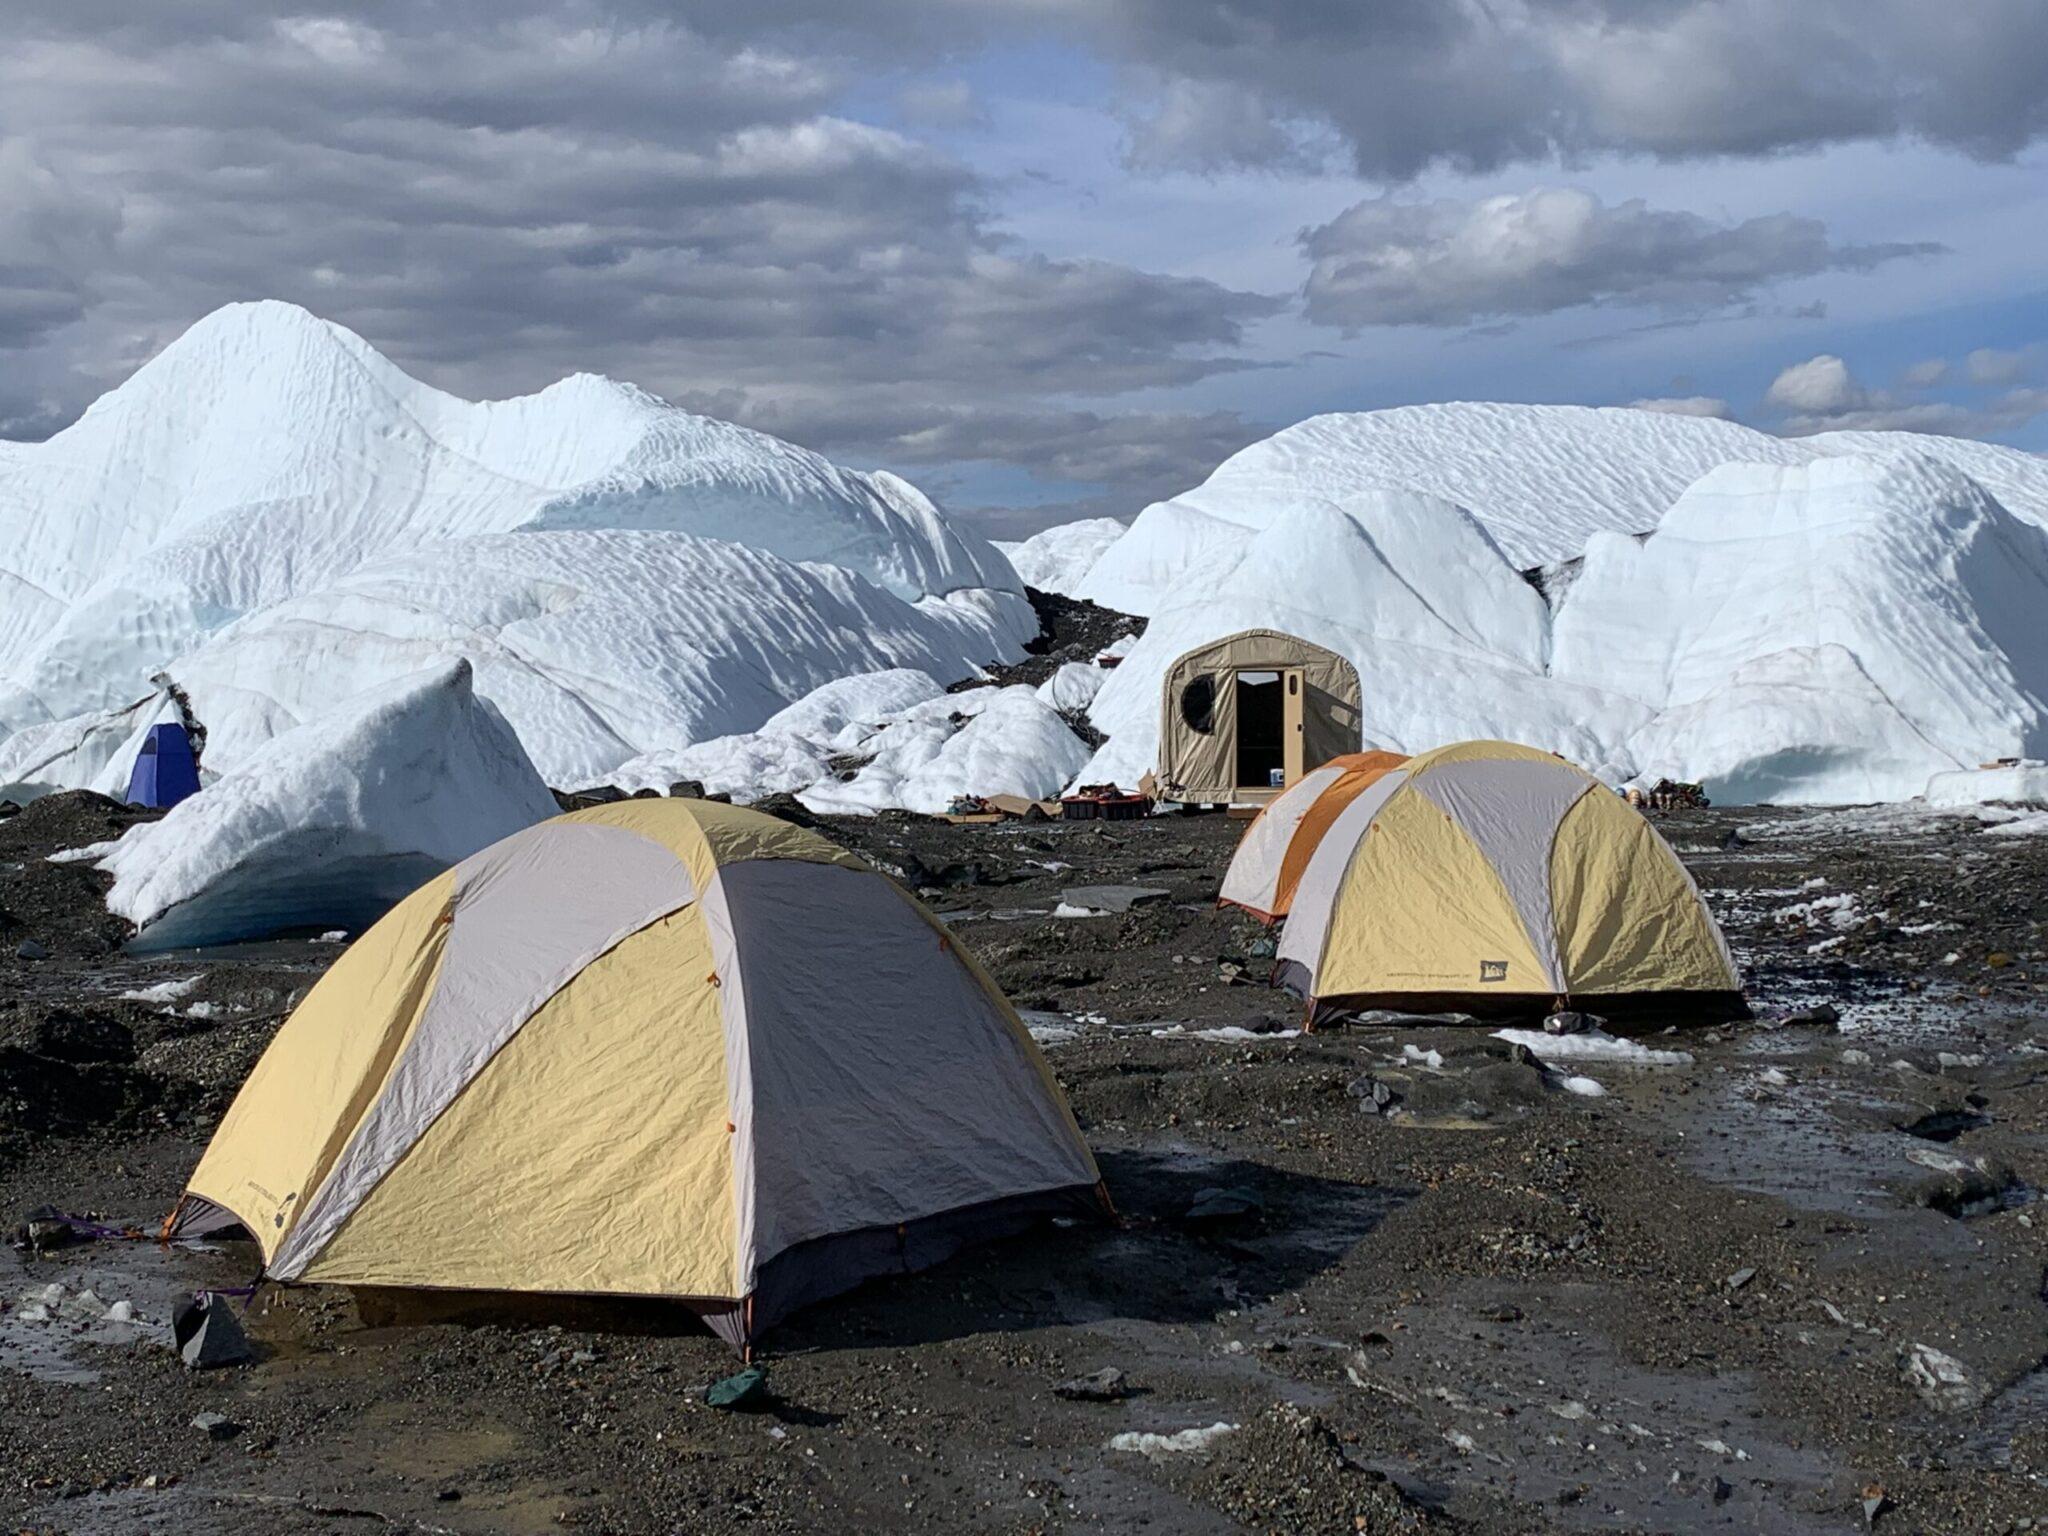 tents on the Matanuska Glacier